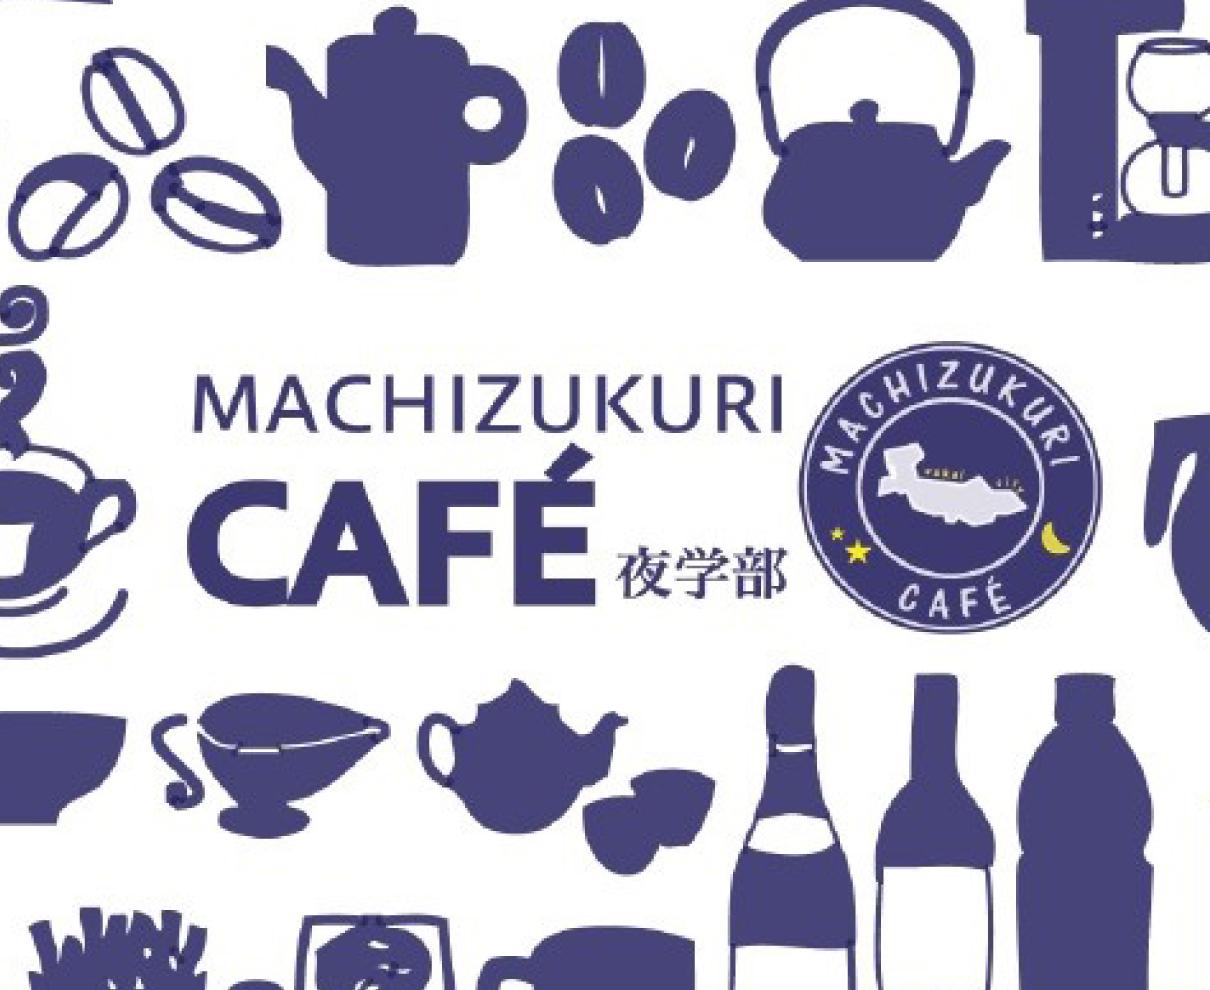 【9/7】坂井市のまちづくりを考える「MACHIZUKURI CAFÉ夜学部」OPEN!